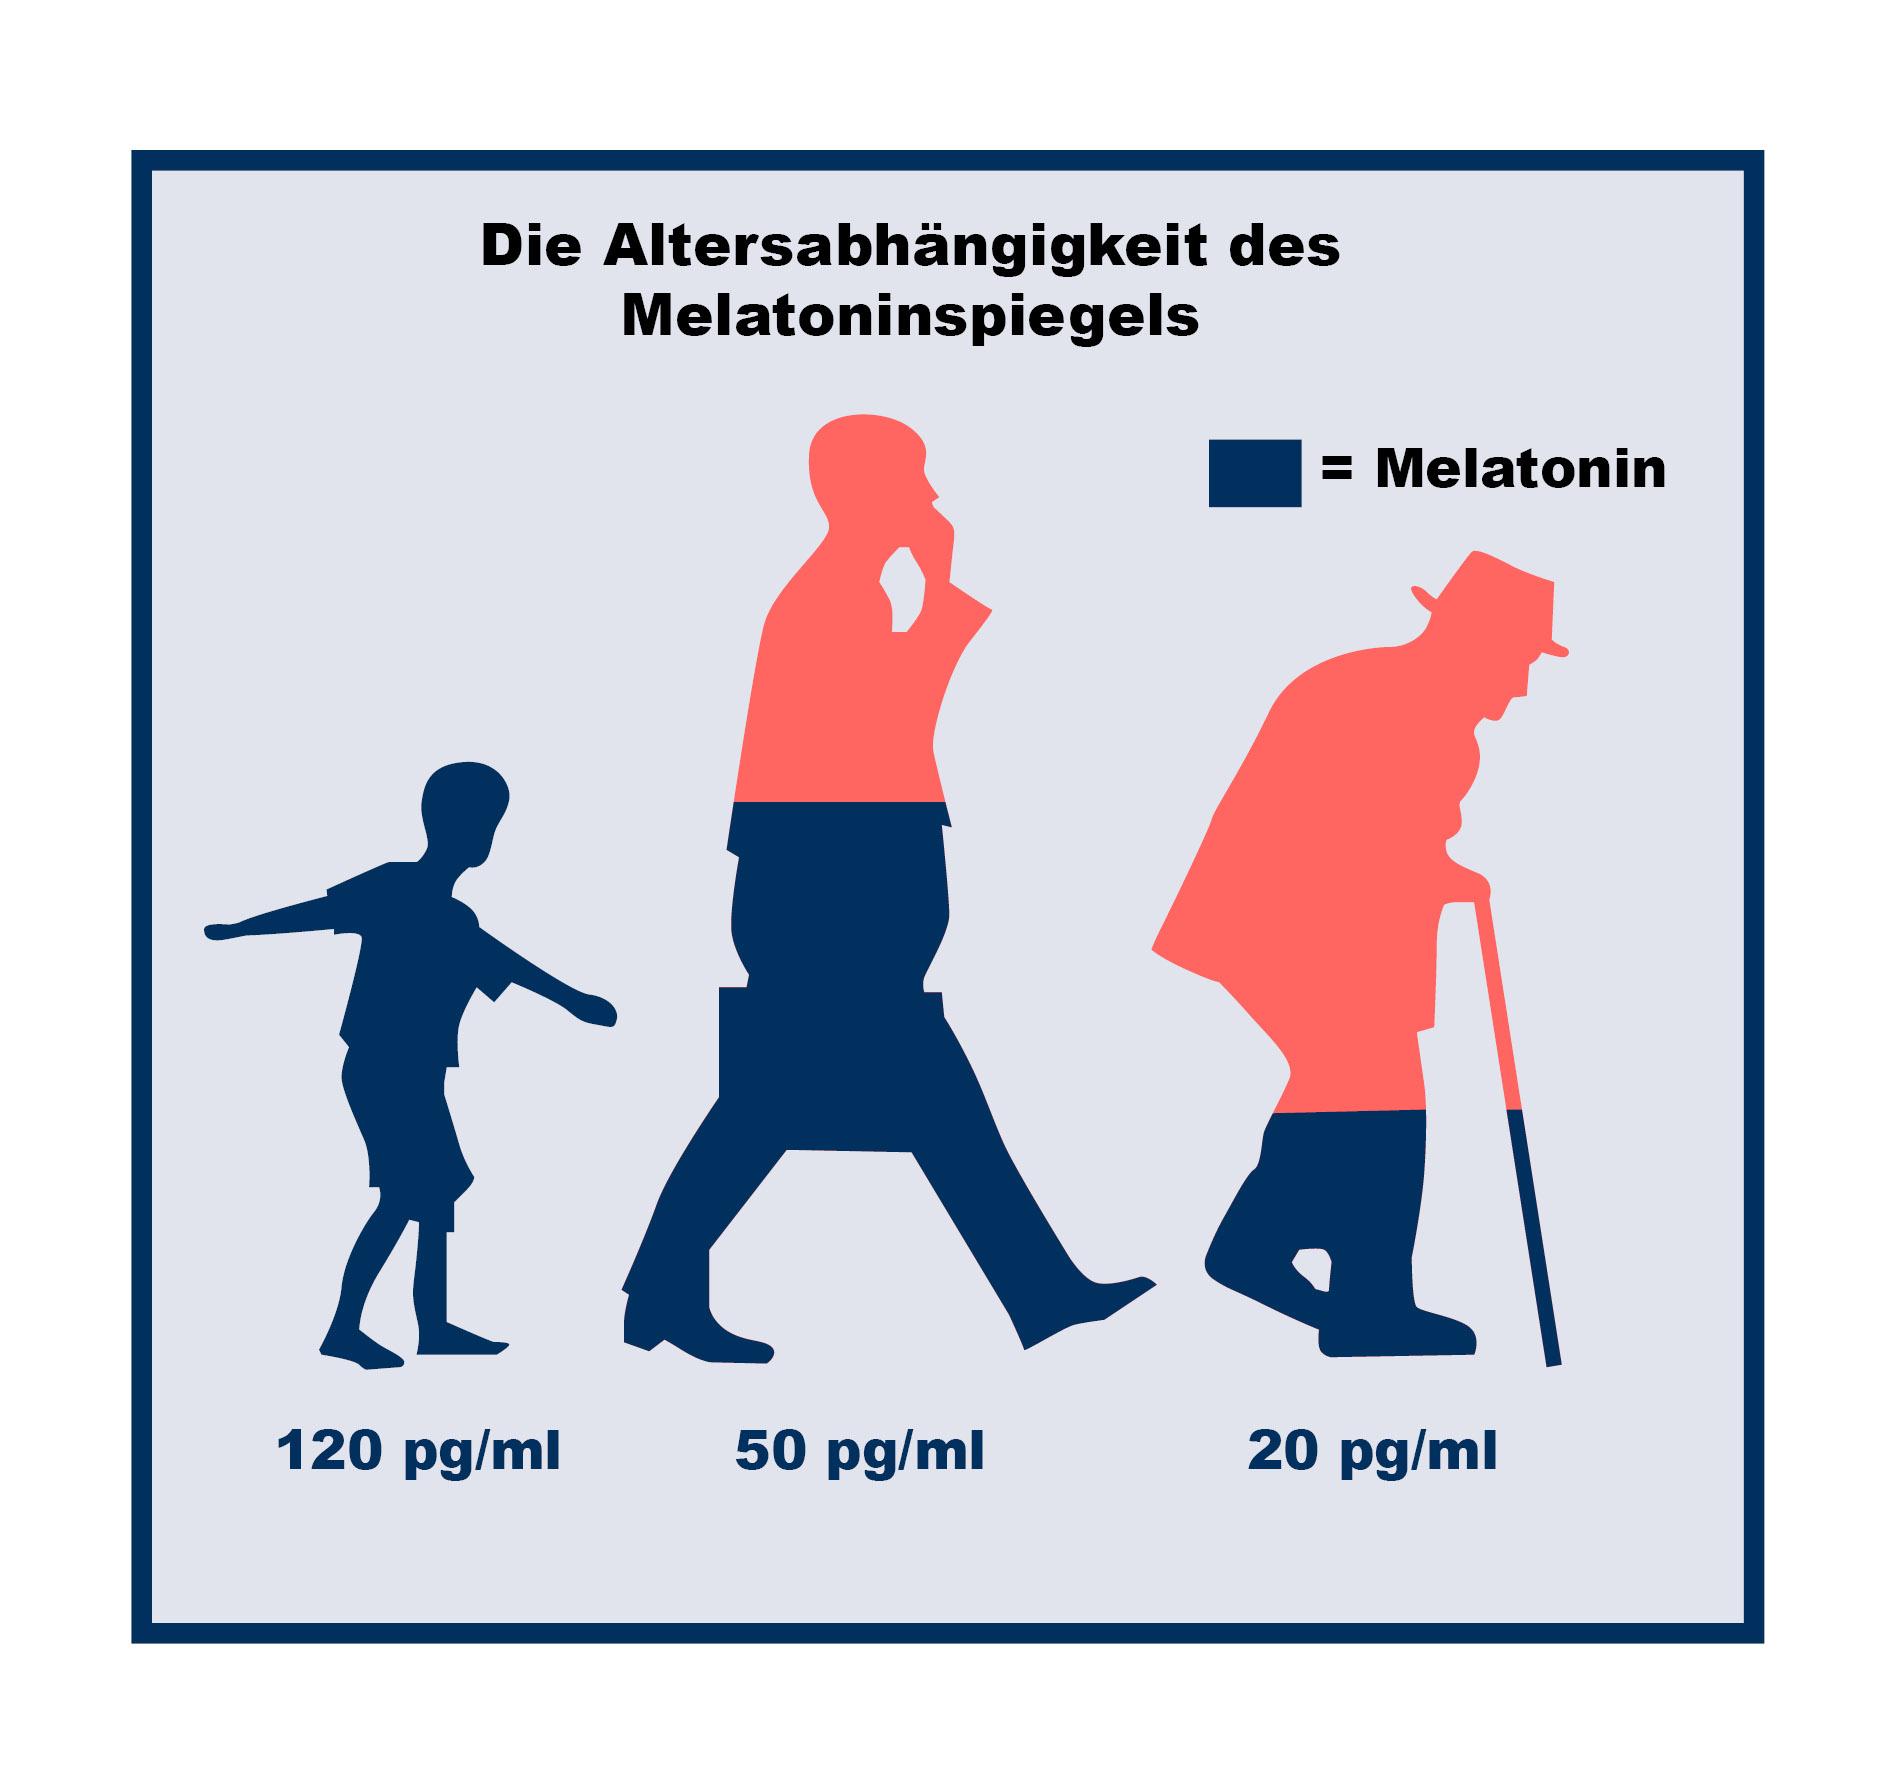 Der Melatoninspiegel im Laufe des Lebens